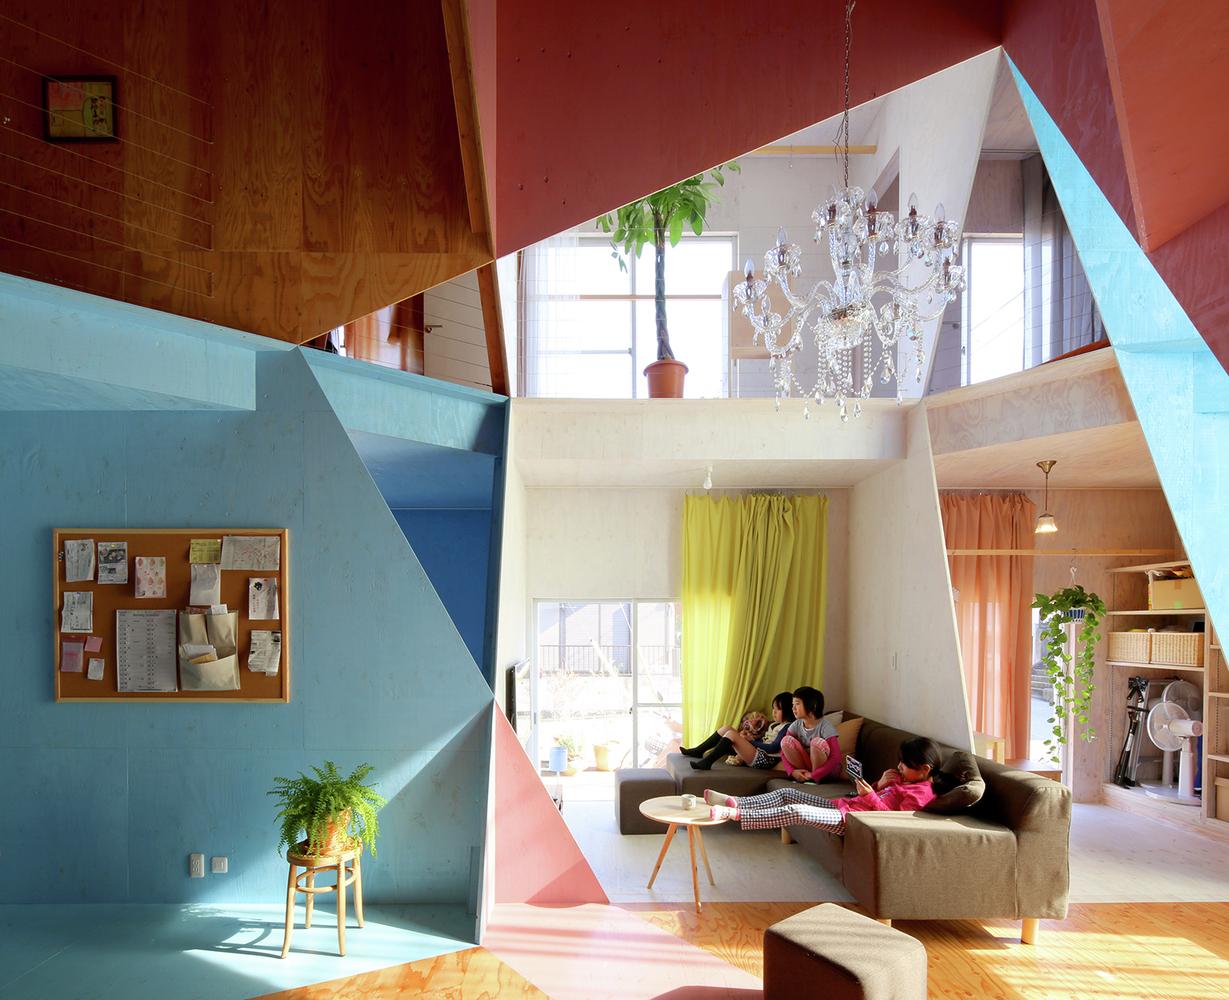 Ungewöhnliche innenarchitektur für besser aufgeteilte zimmer und neues wohnen